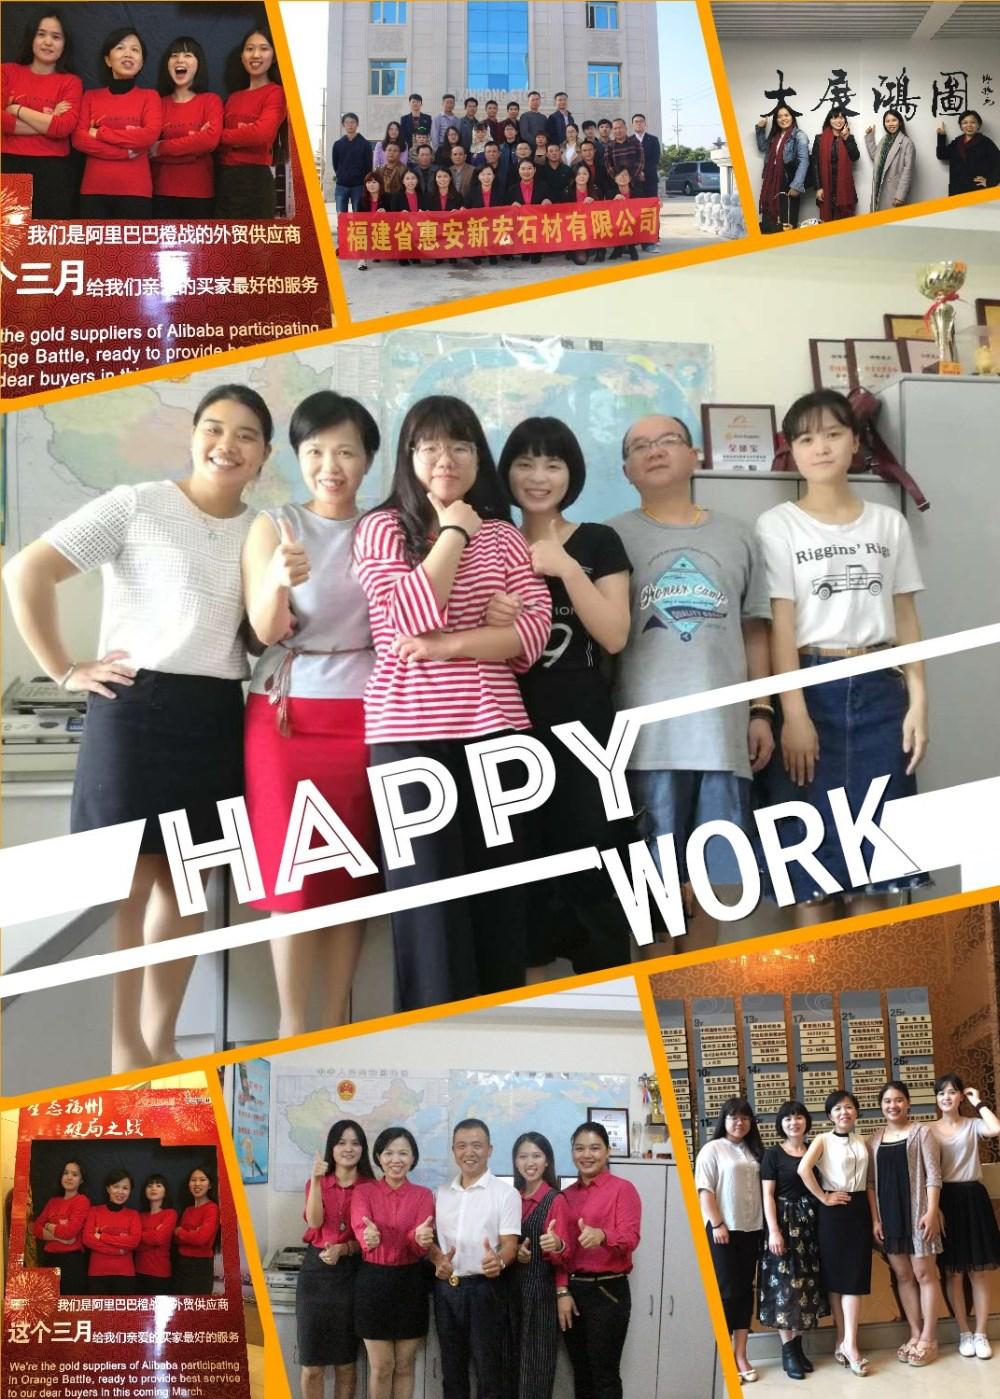 We are Team .jpg